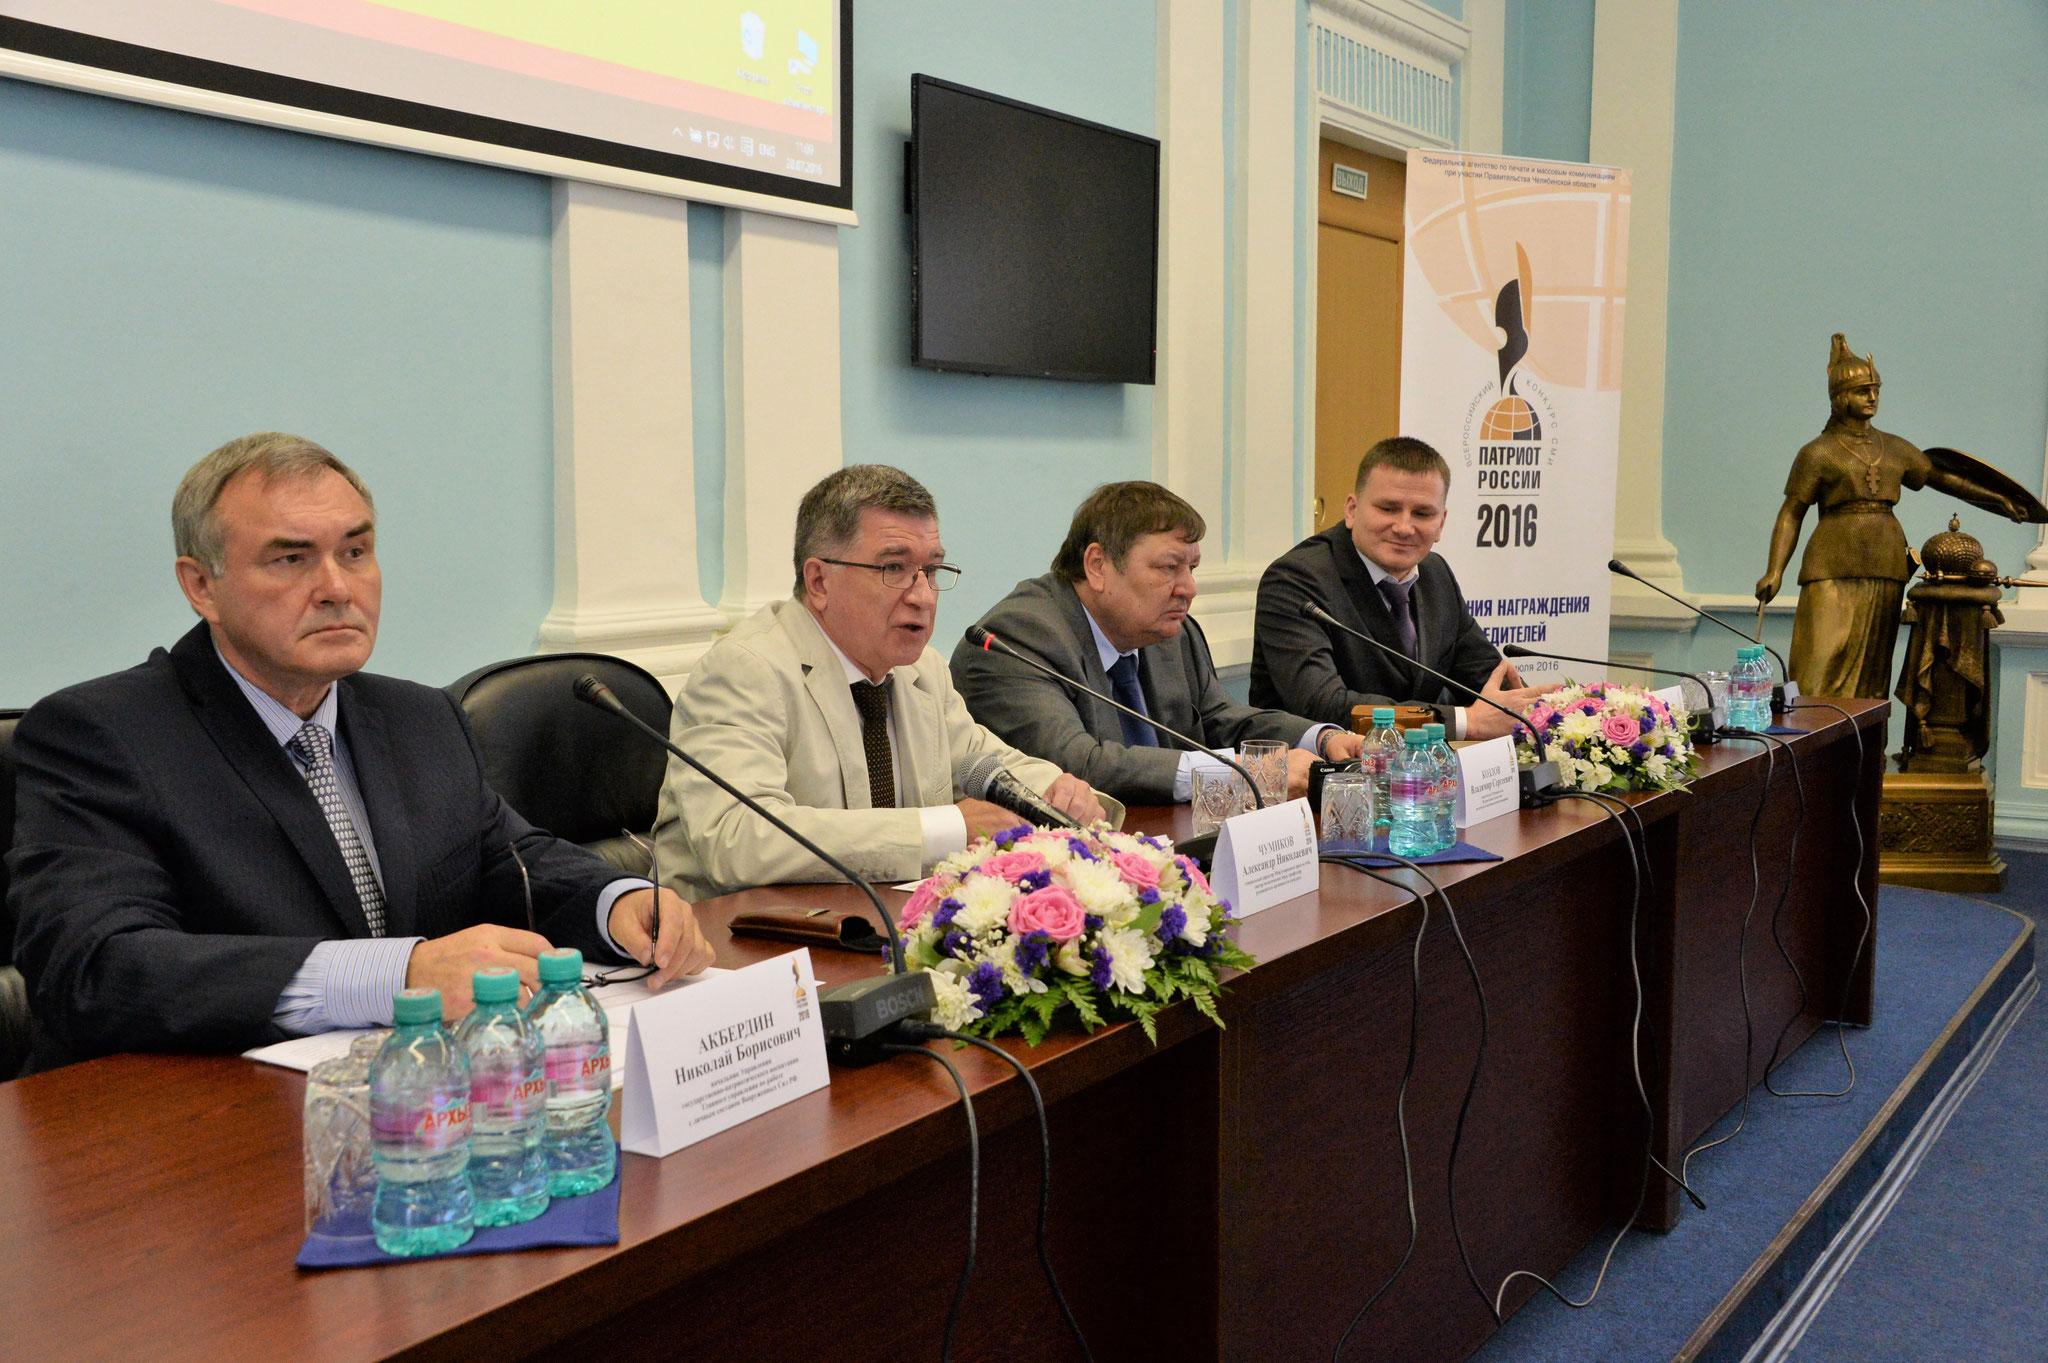 Патриот России-2016, круглый стол, Челябинск, 28 июля 2016